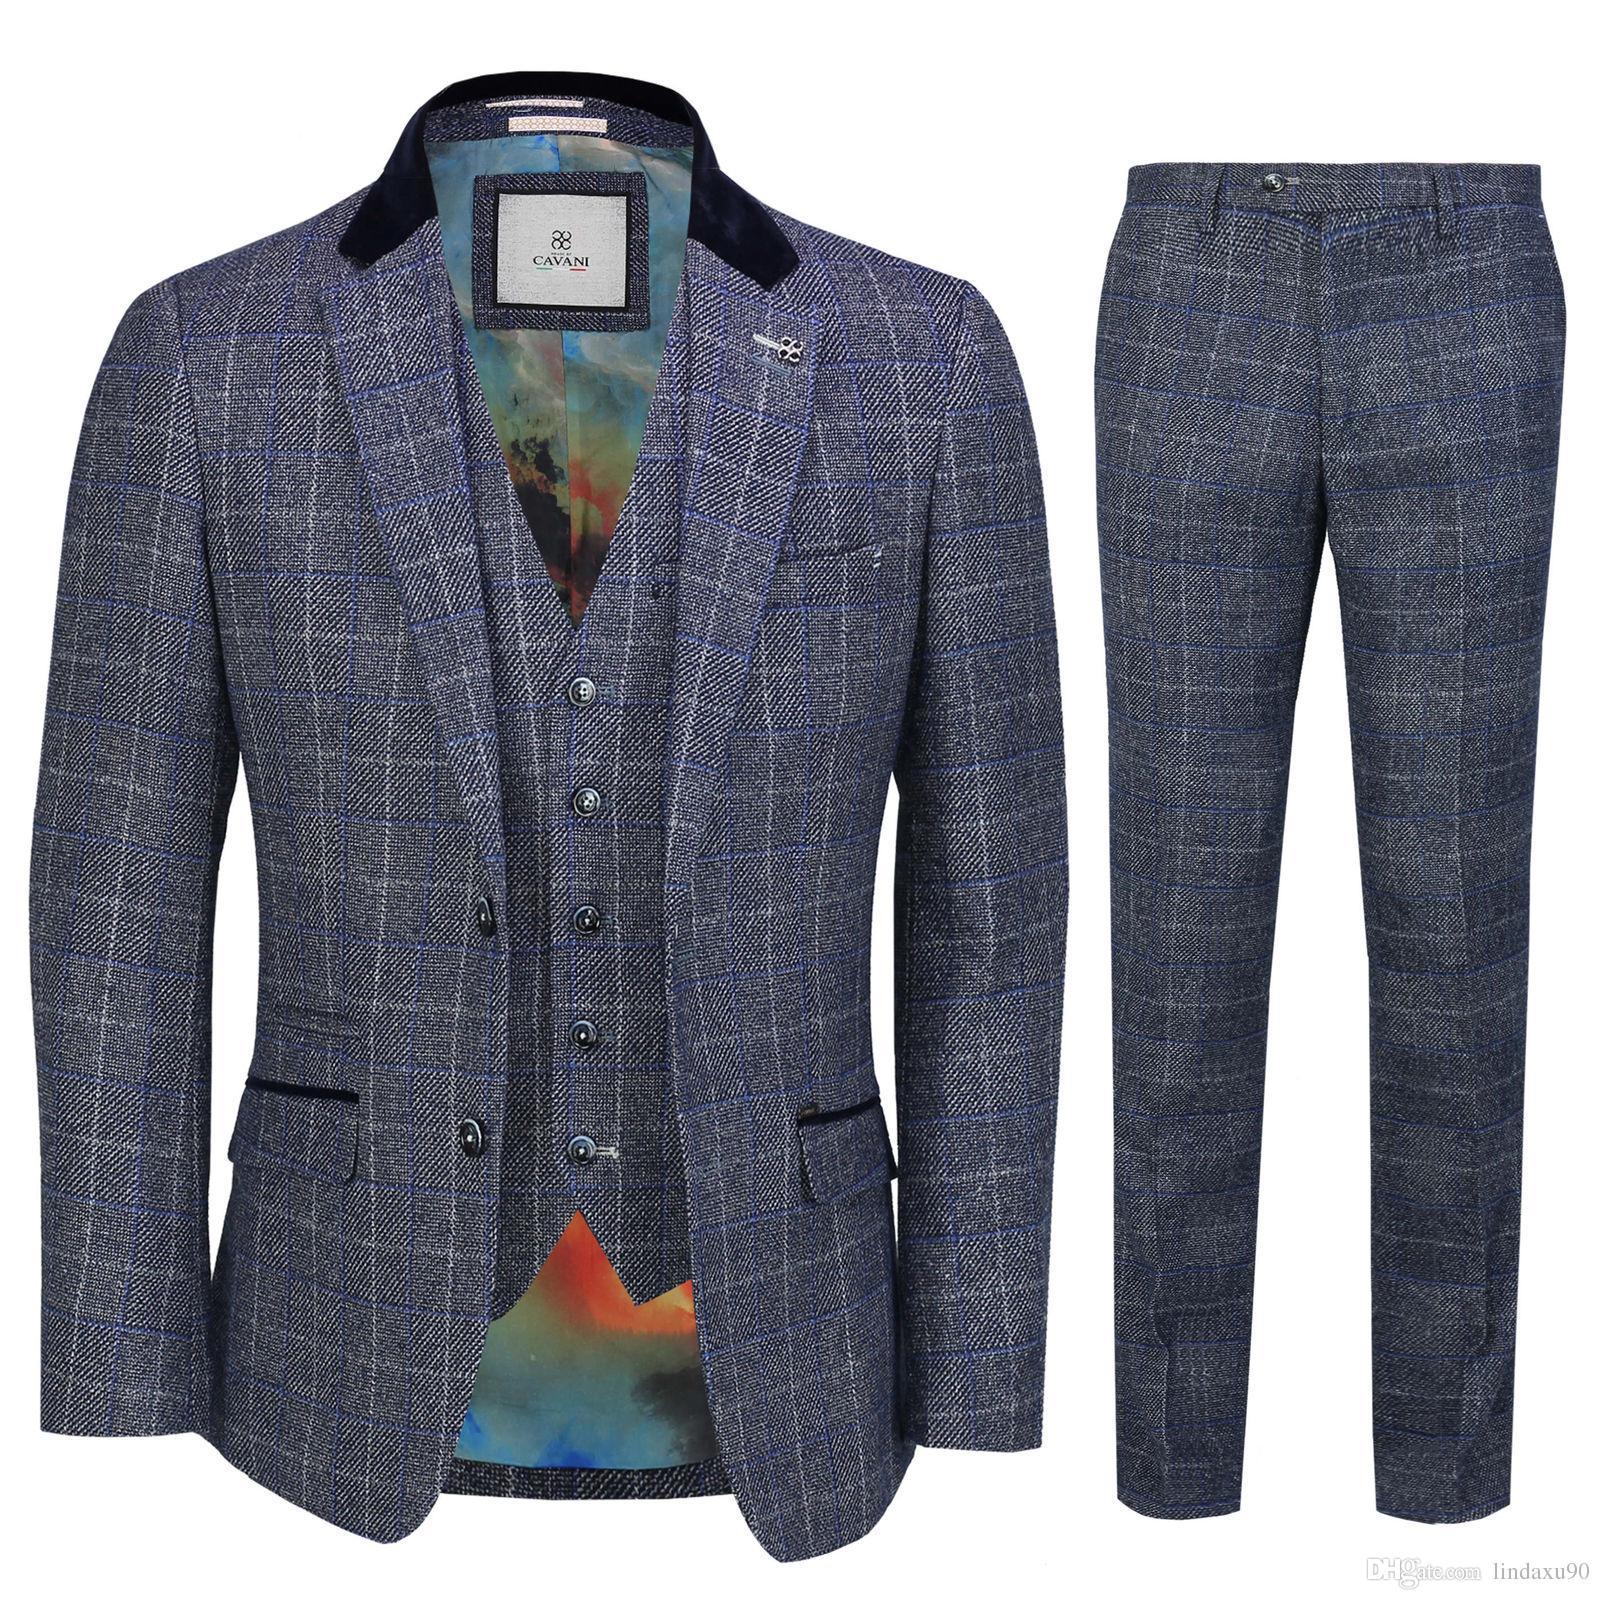 742de40d6752 Mens 3 Piece Suit Tweed Check Navy Blue Retro 1920s Peaky Blinder Vintage  Style Best Man Suits(Jacket+Pants+vest) Hot Sale